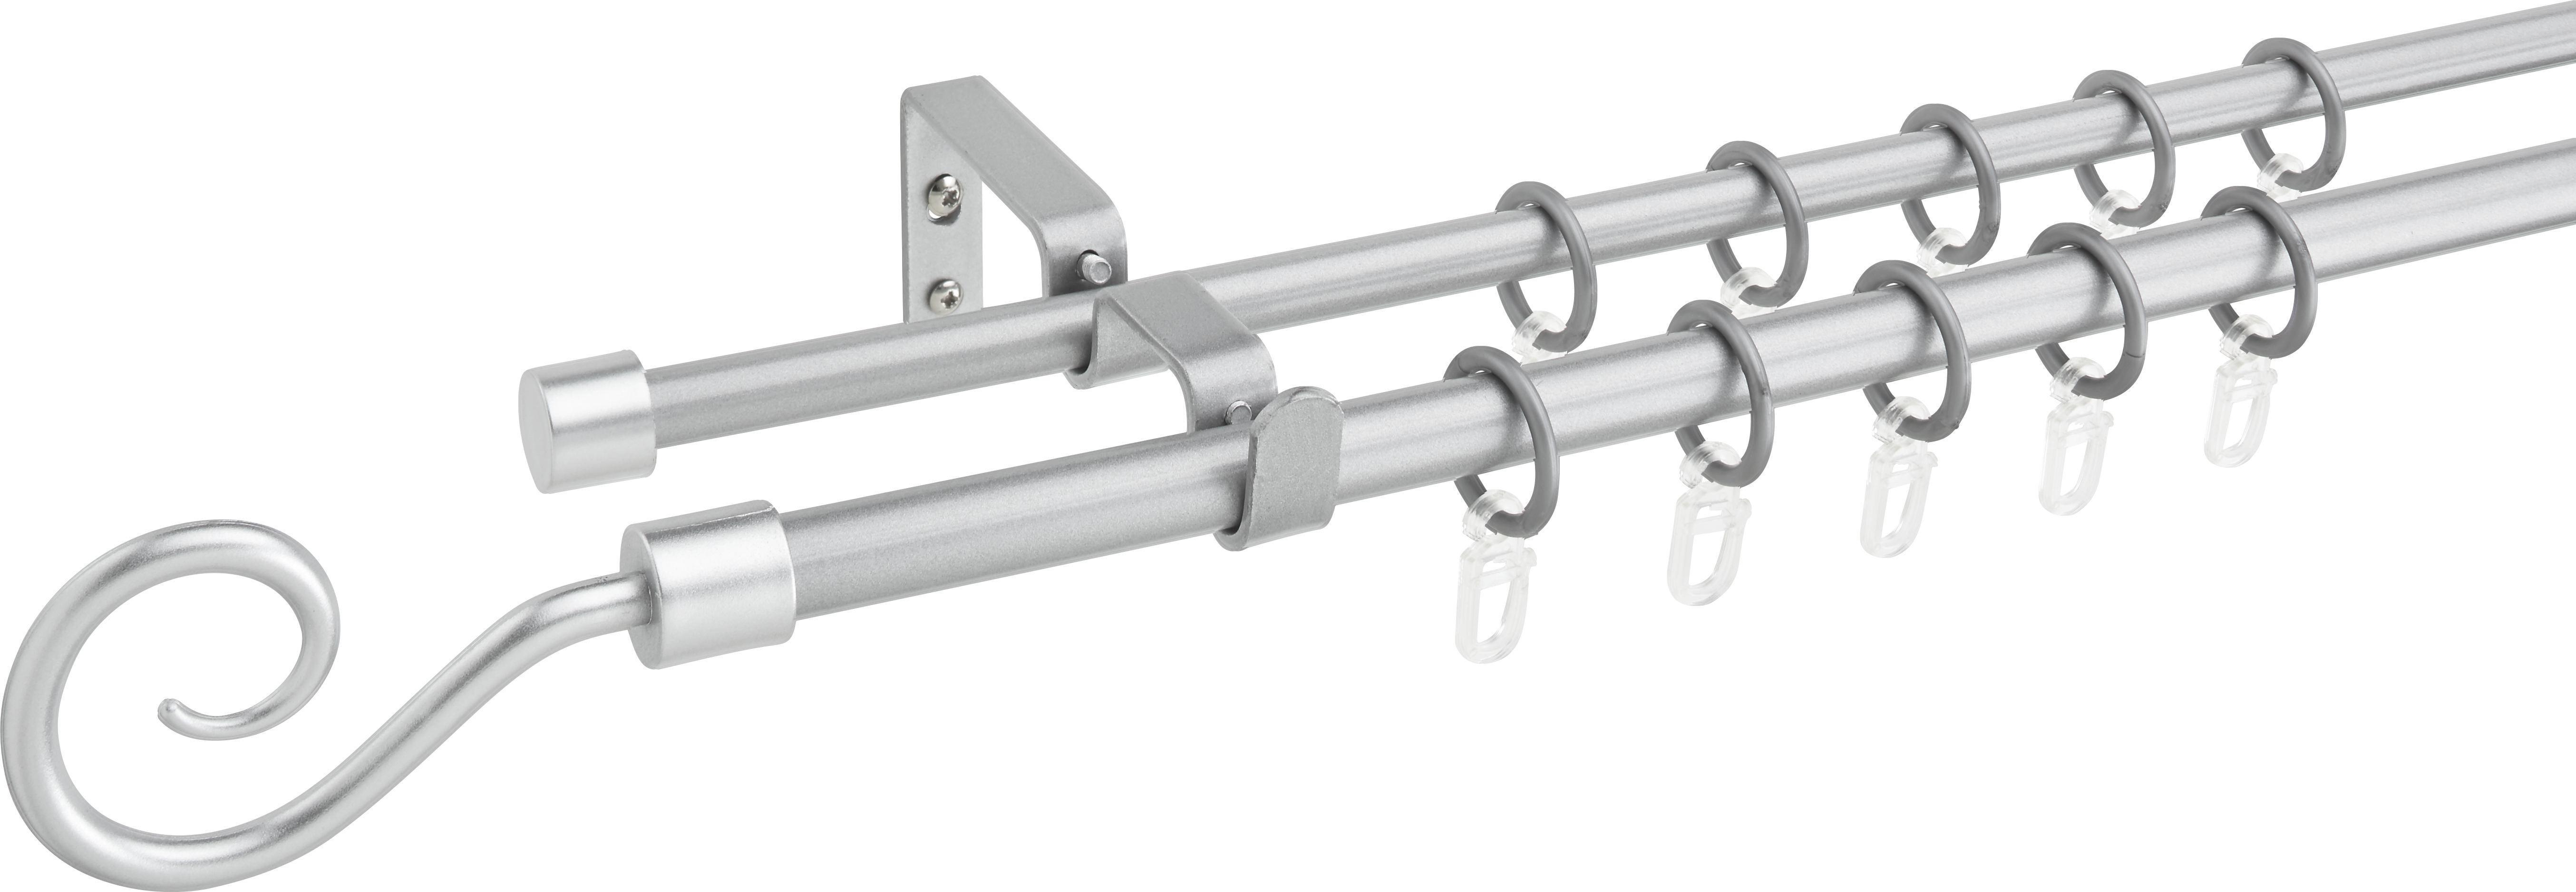 Vorhangstangenset Hook Doppellauf, ca. 120-210cm - Silberfarben, Metall (120/210cm) - MÖMAX modern living